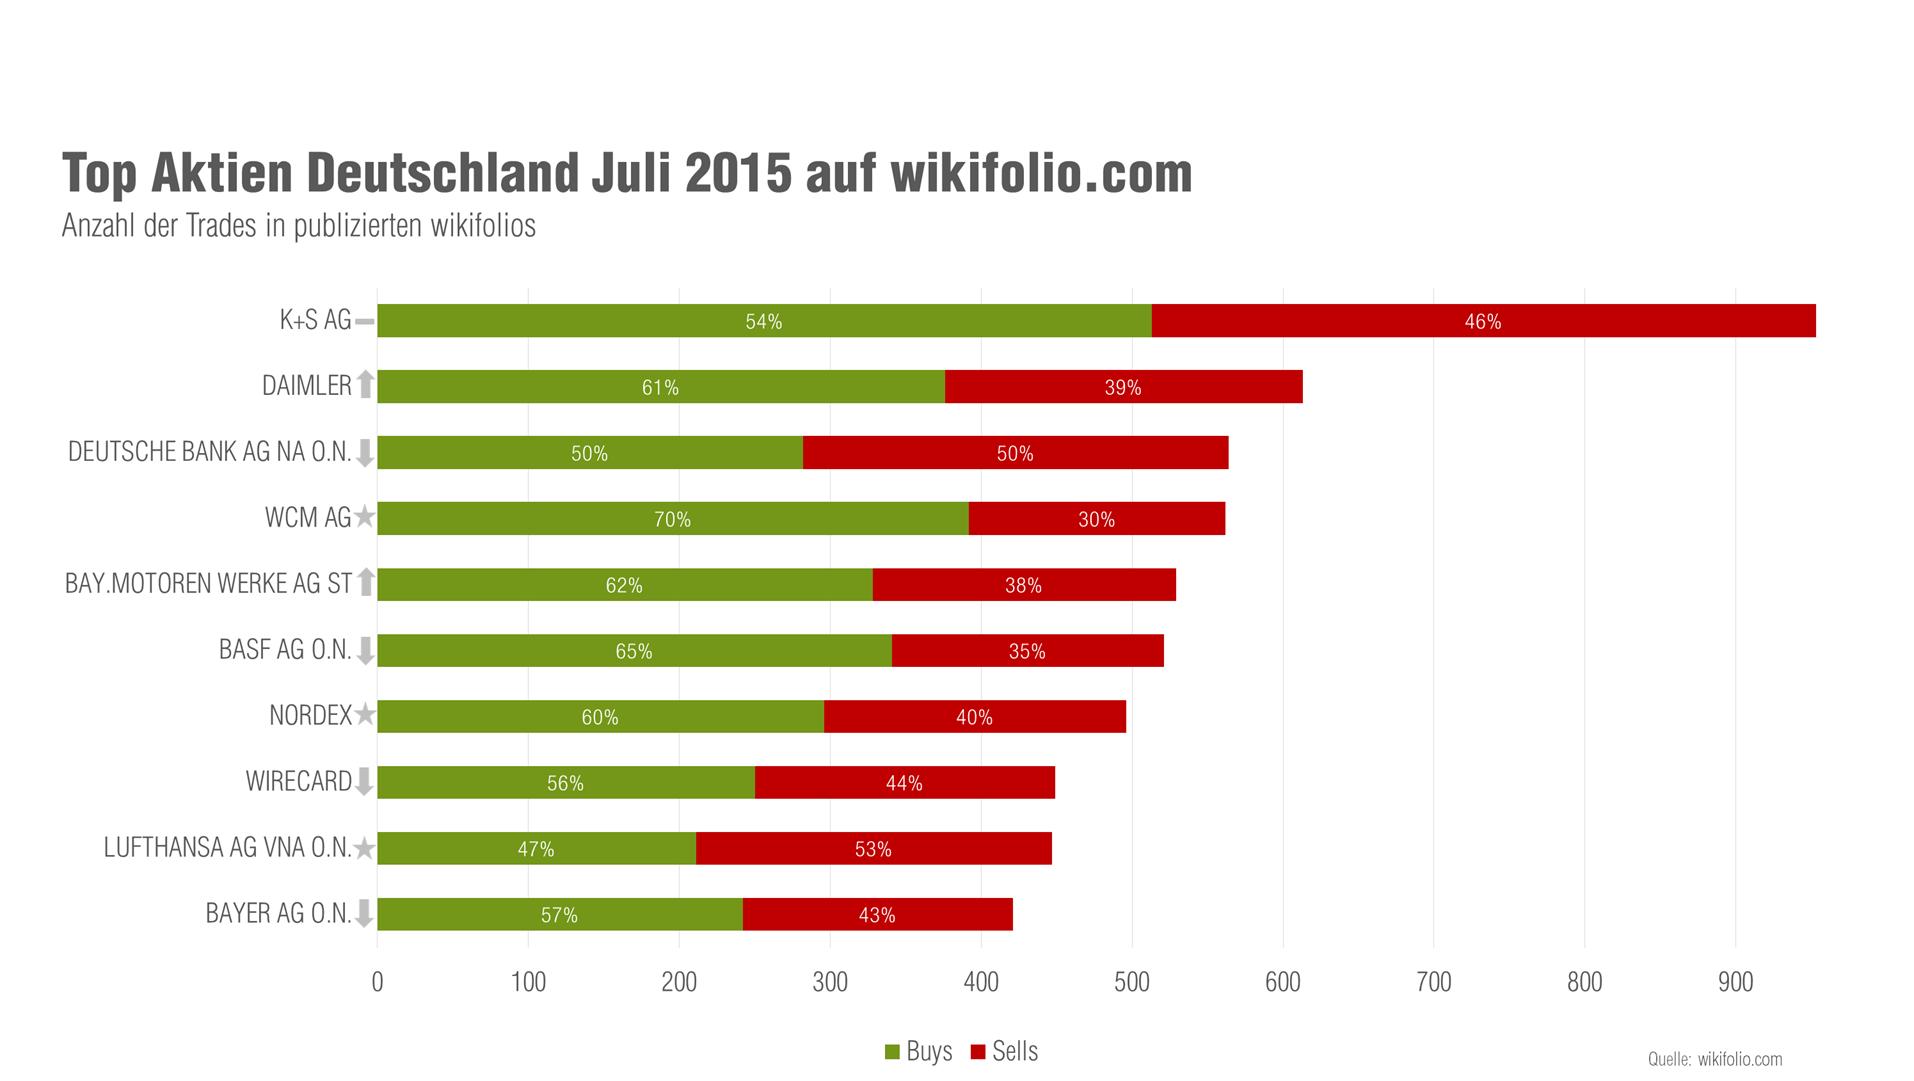 wikifolio Top 10 Aktien Juli 2015 Deutschland